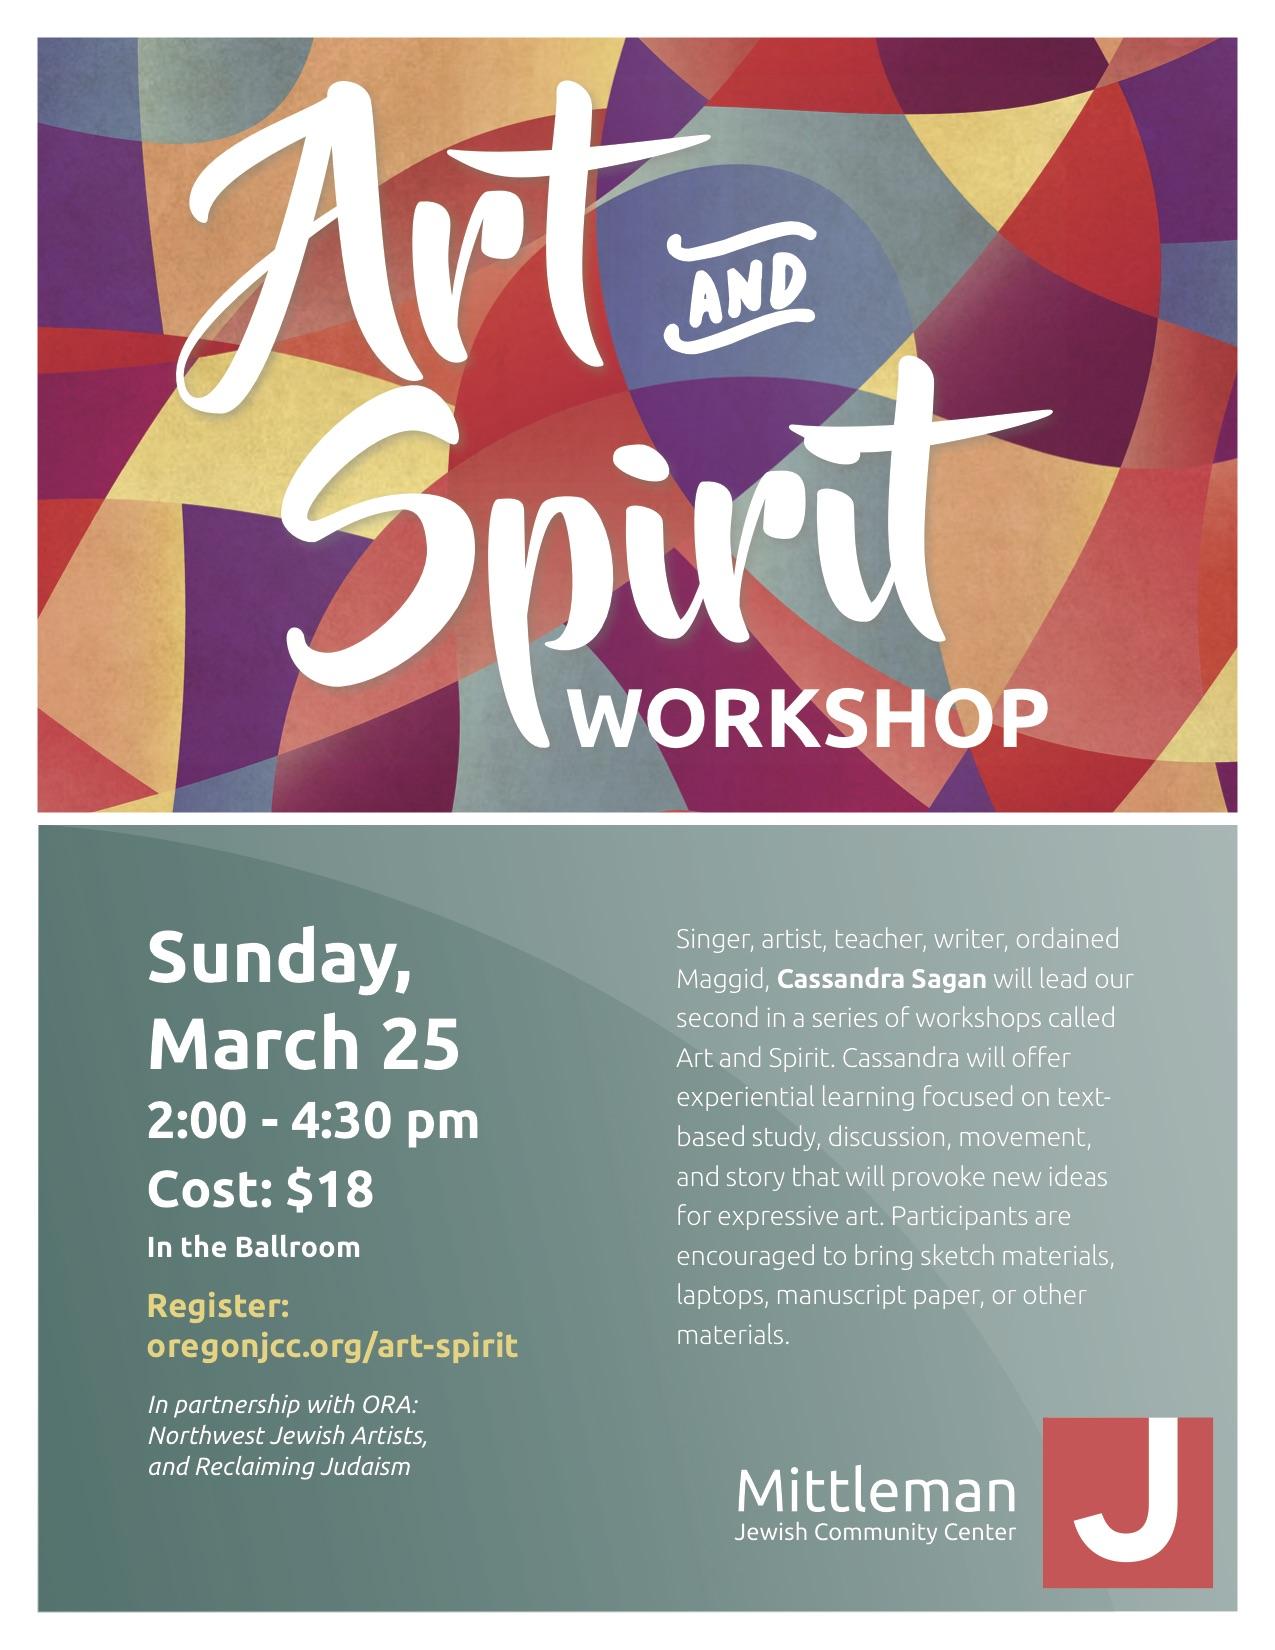 Art and Spirit with Cass Sagan (1)